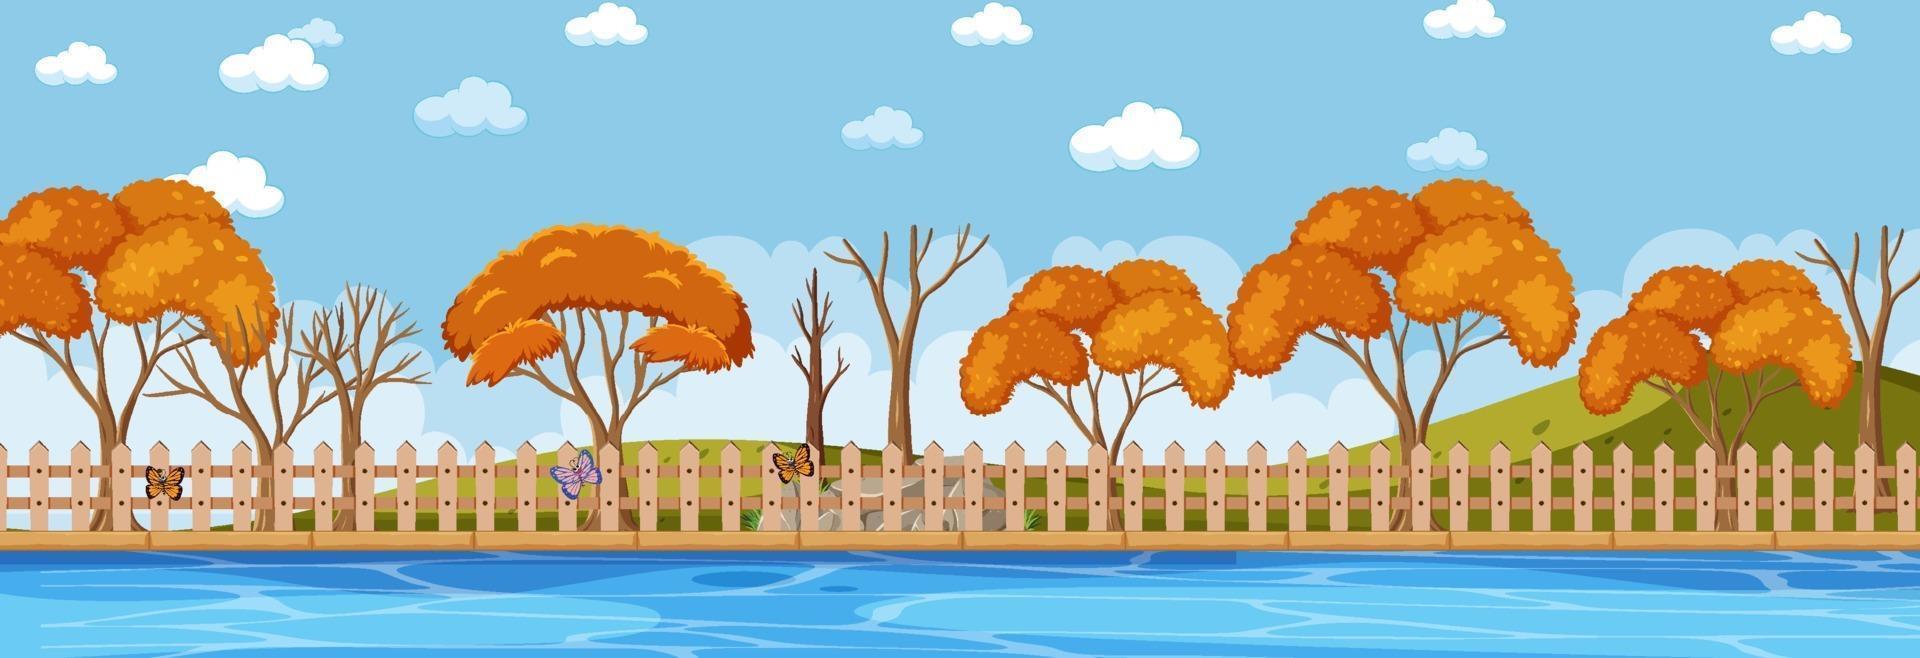 park in de herfst seizoen horizontale scène overdag vector